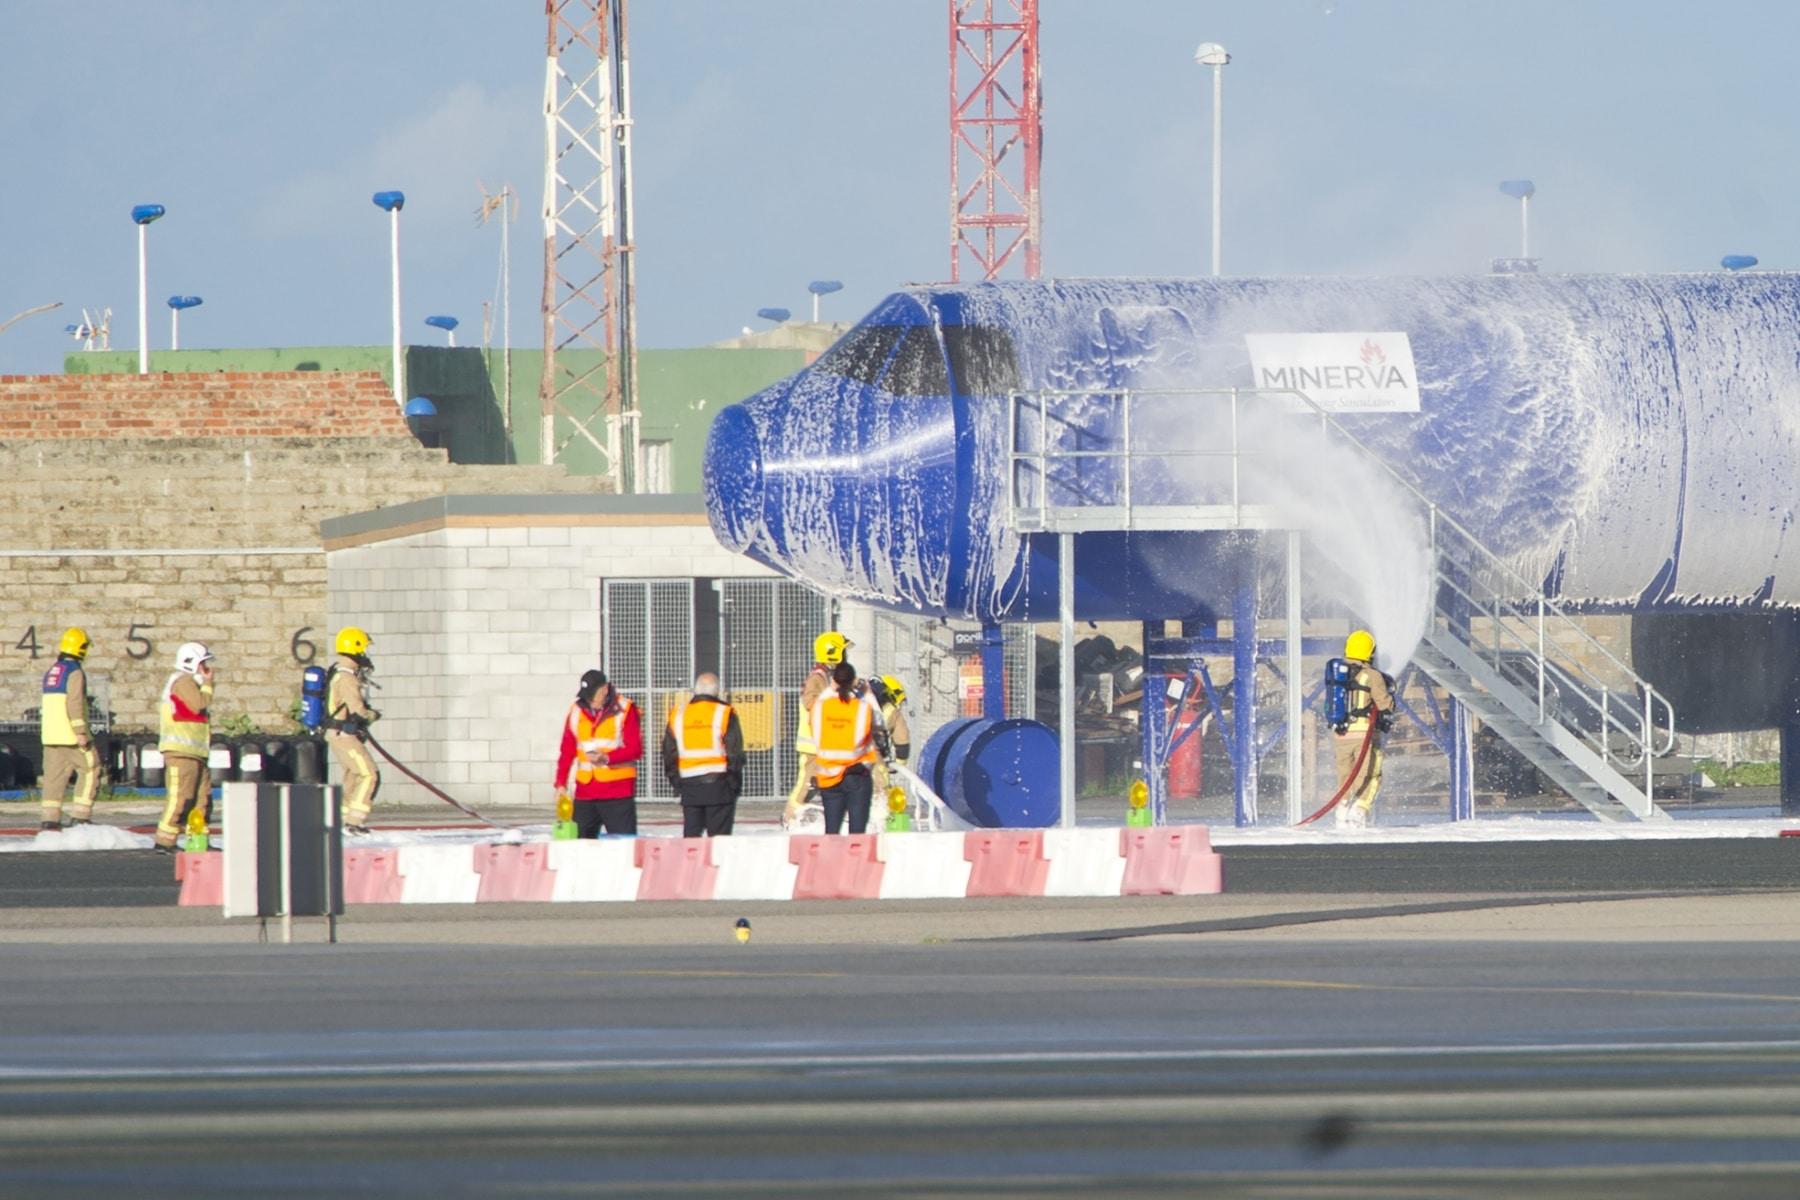 simulacro-accidente-aereo-en-gibraltar-03122014-16_15941969601_o